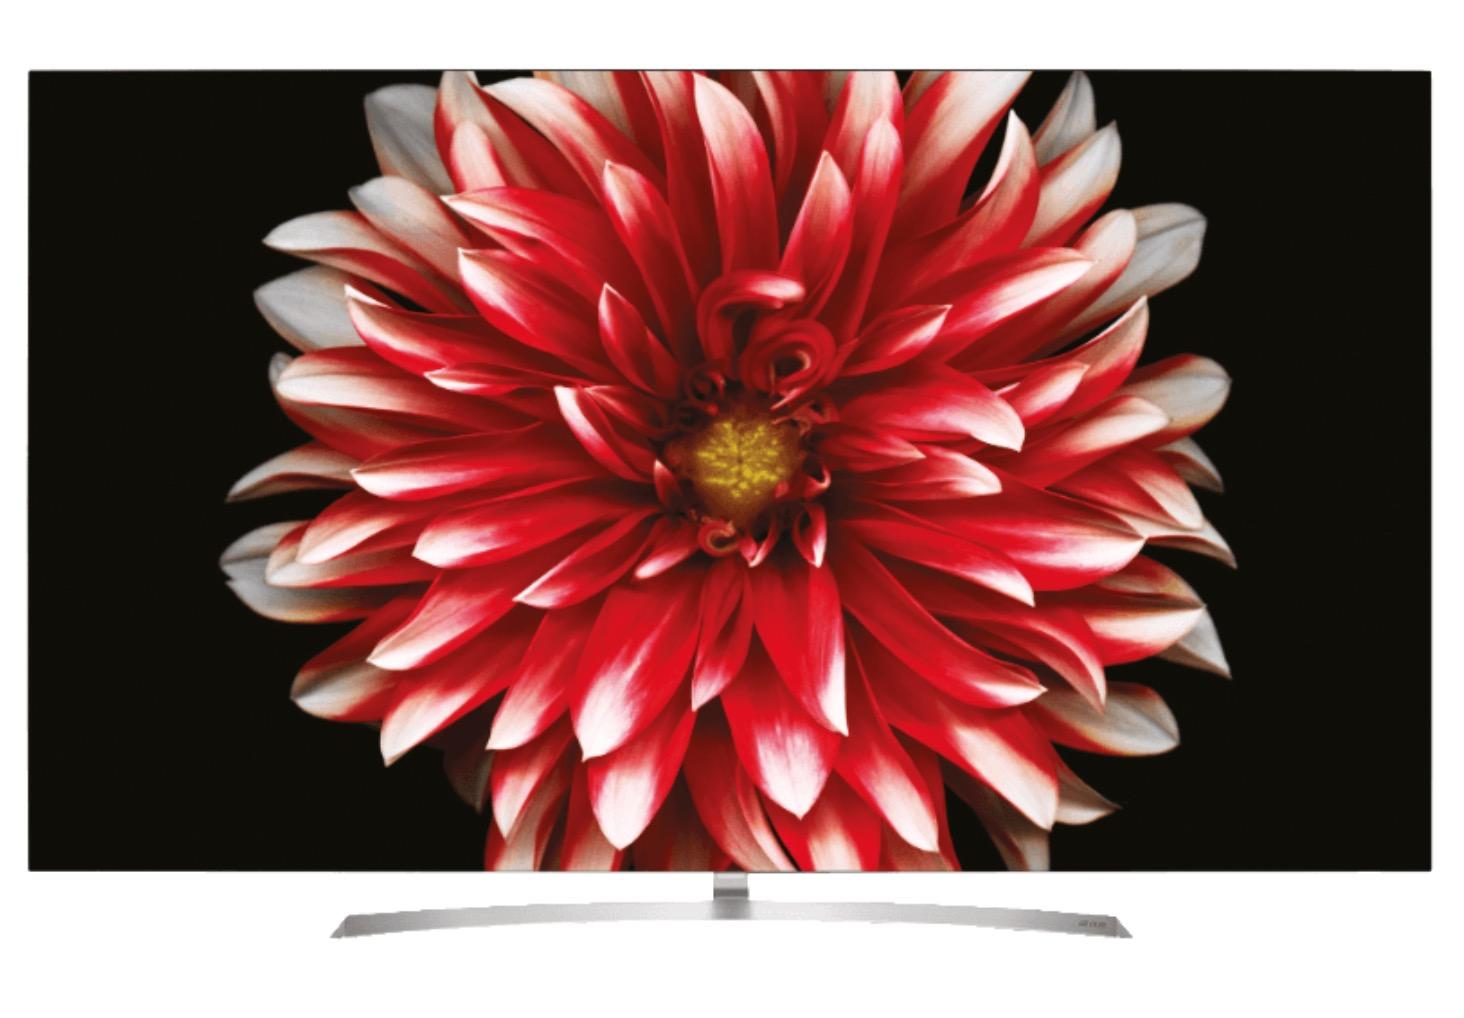 LG 65B7D 65 Zoll OLED 4K Smart TV